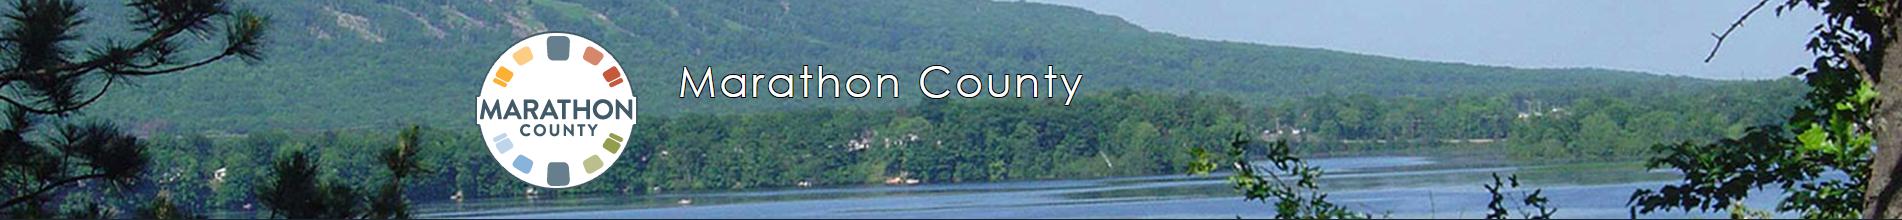 Marathon County